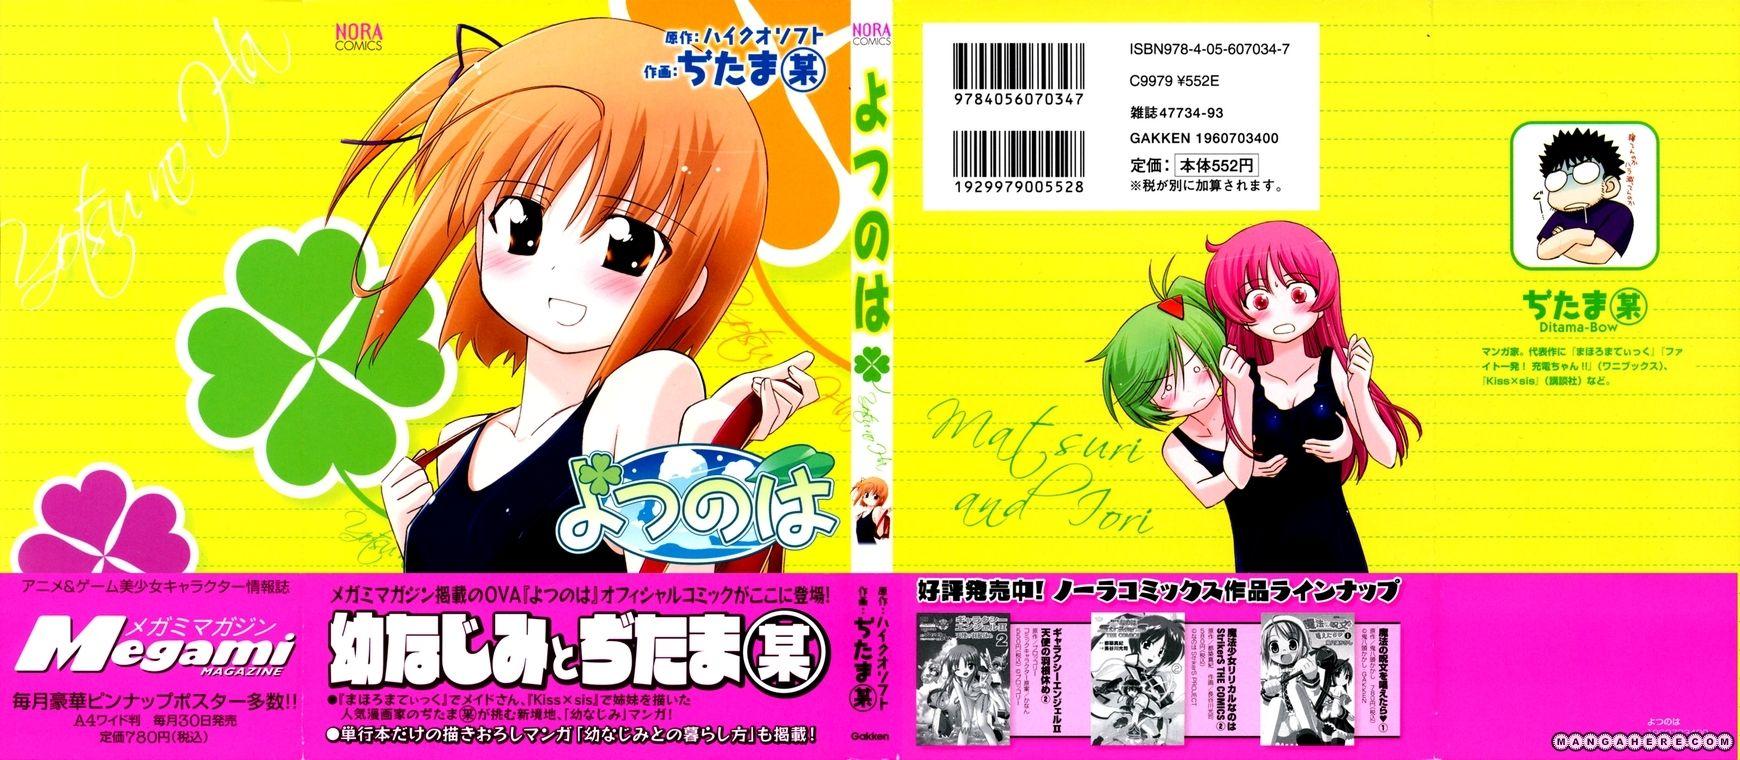 Yotsunoha 1 Page 1